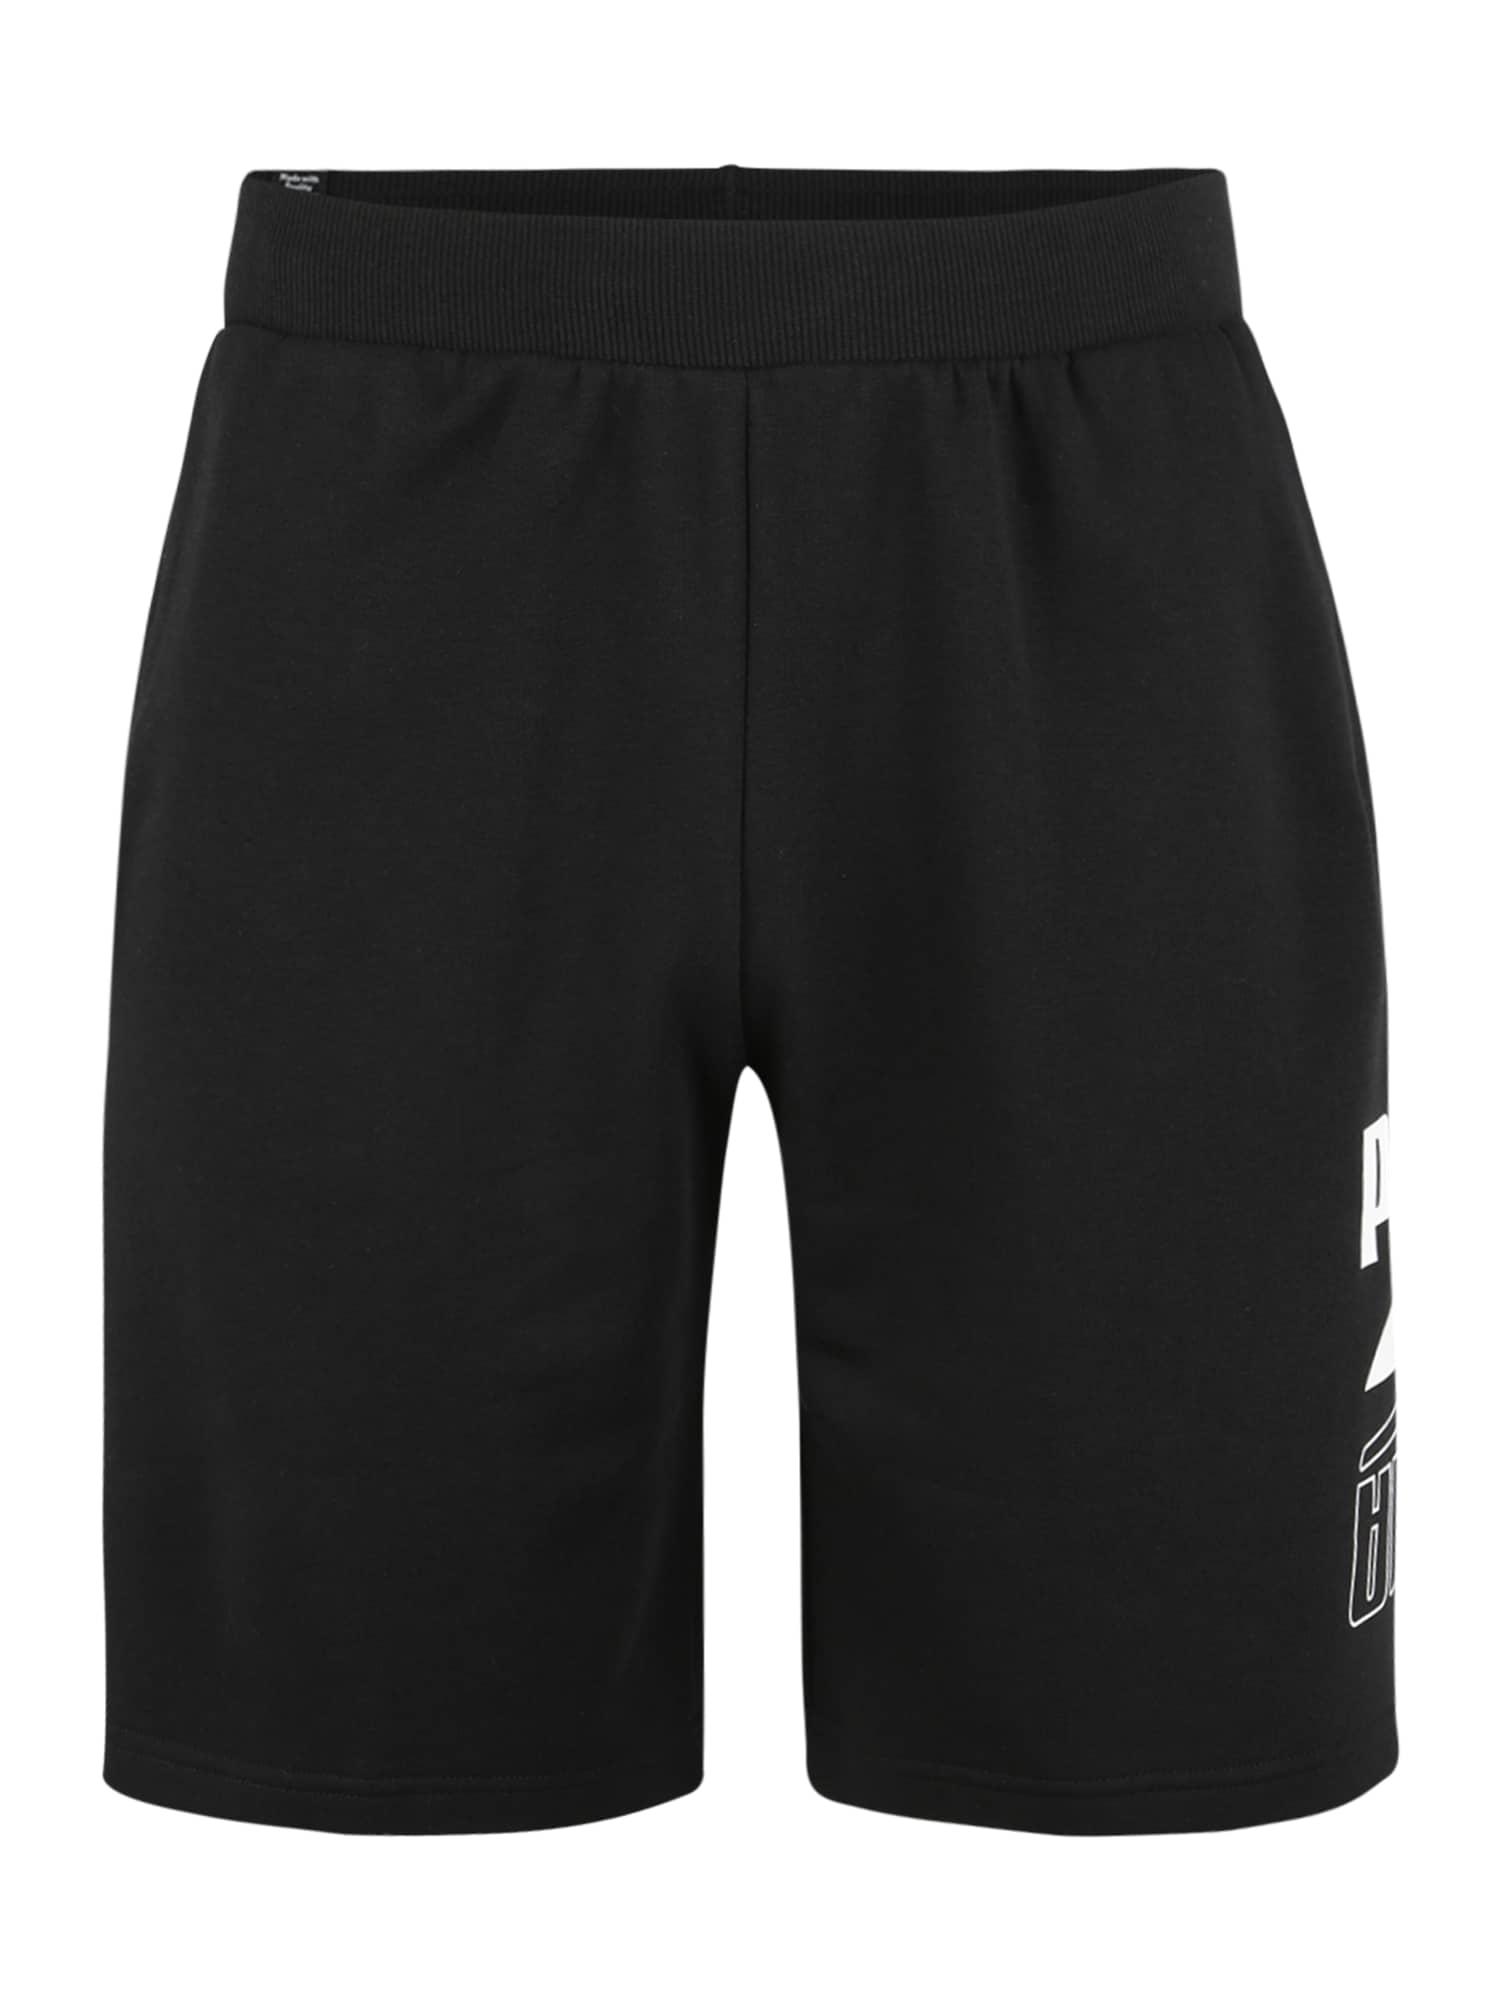 PUMA Sportinės kelnės sidabro pilka / juoda